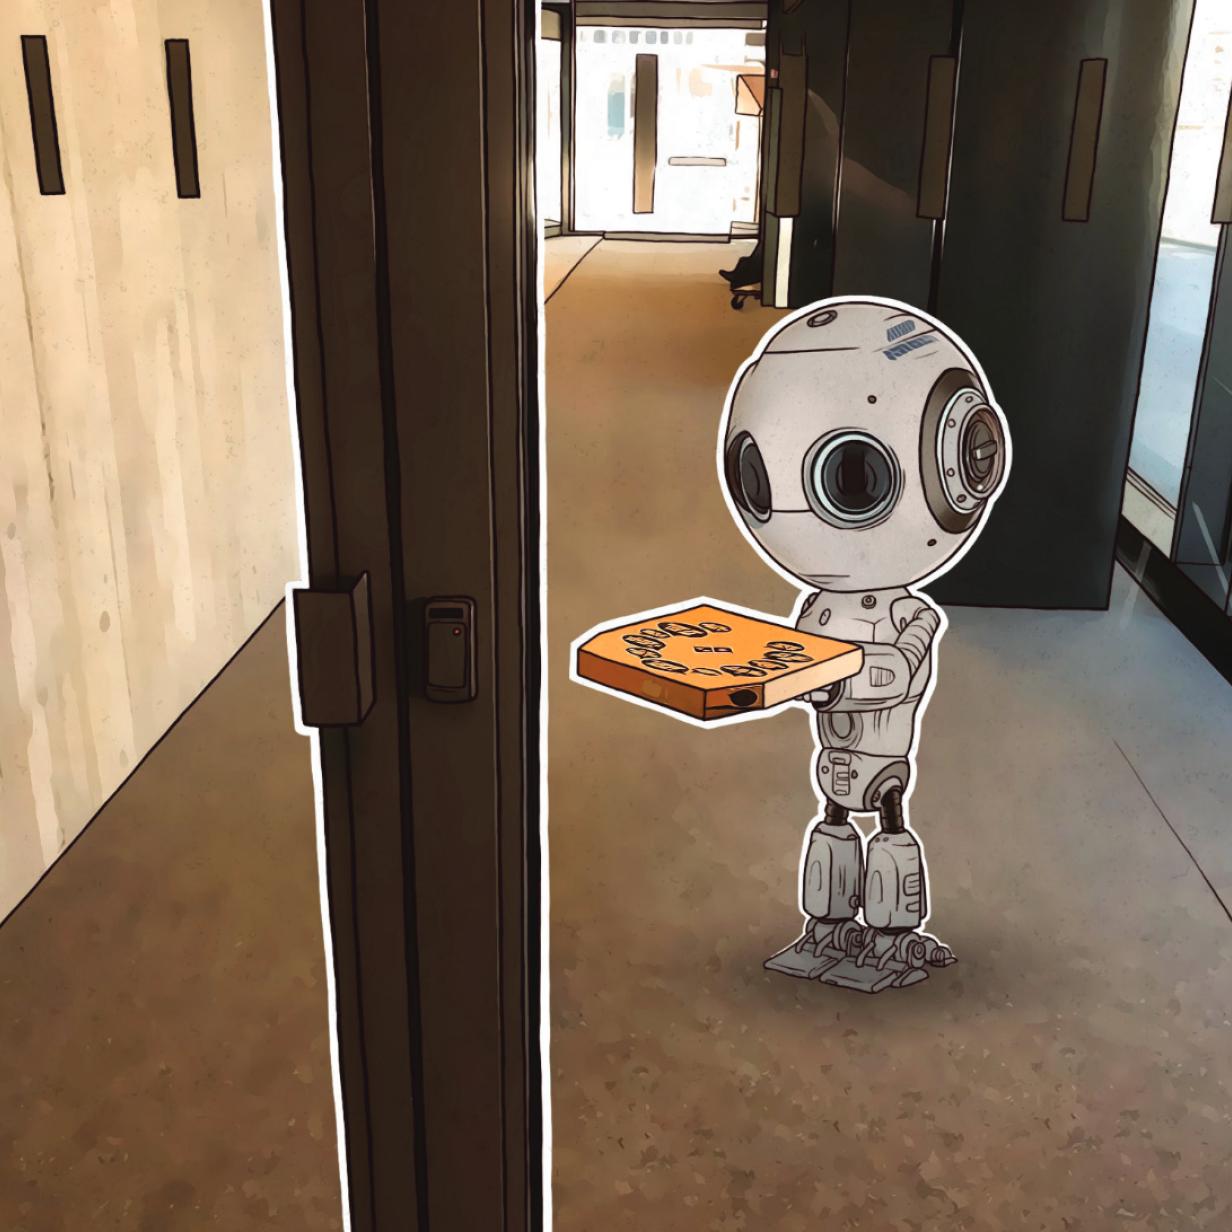 Roboter schummelt sich mit Pizza in Sicherheitstrakt